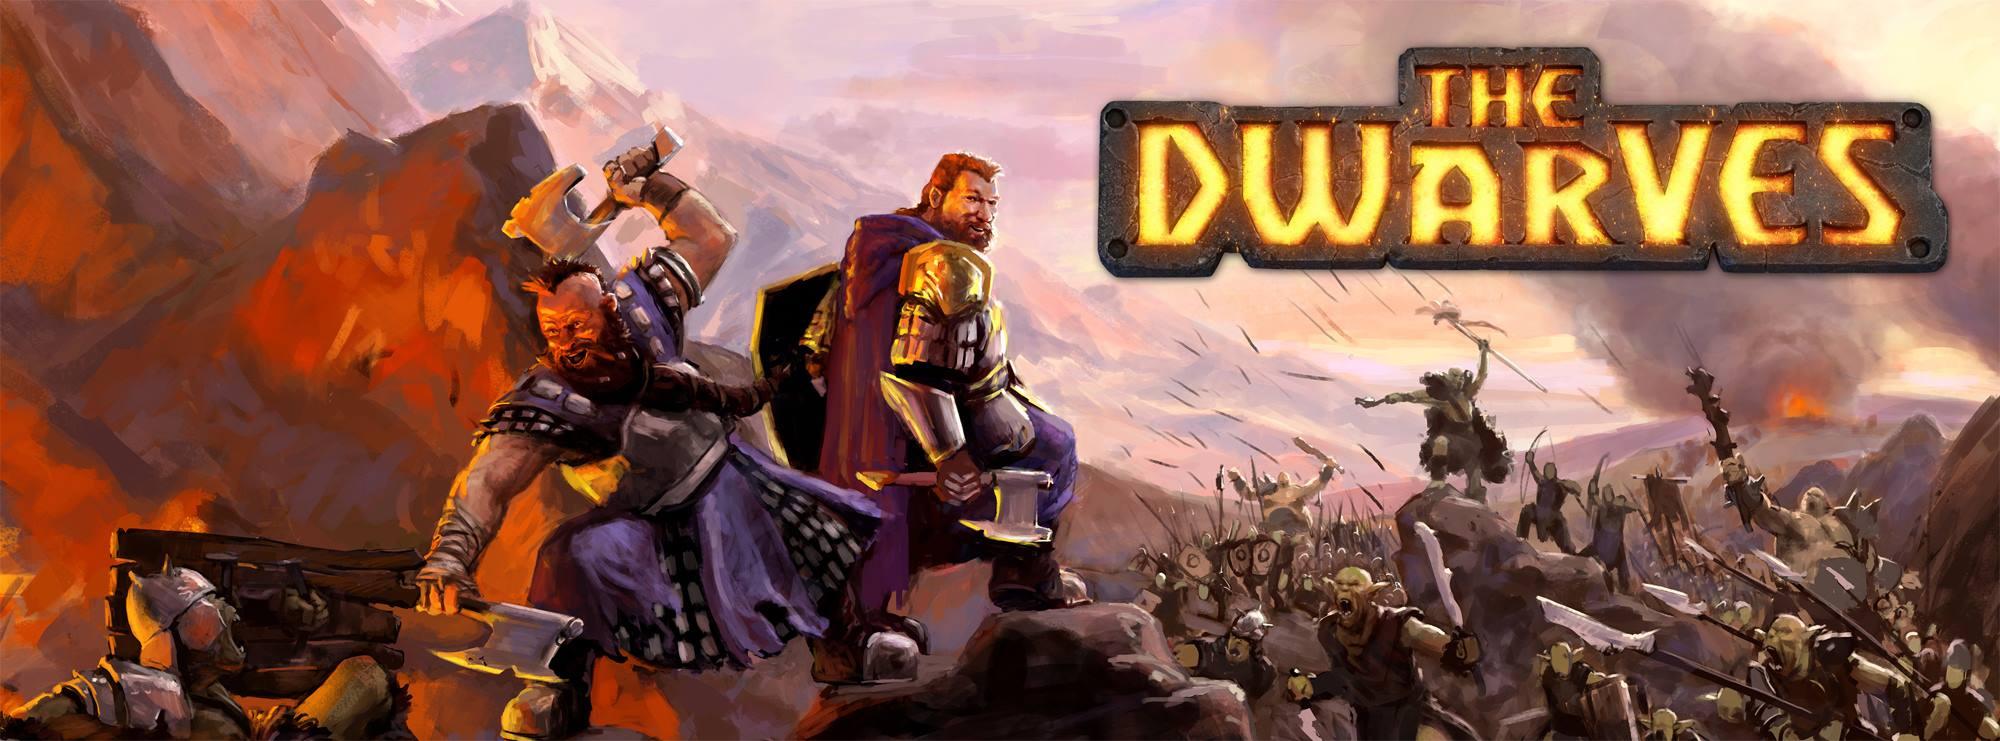 دانلود ترینر بازی The Dwarves